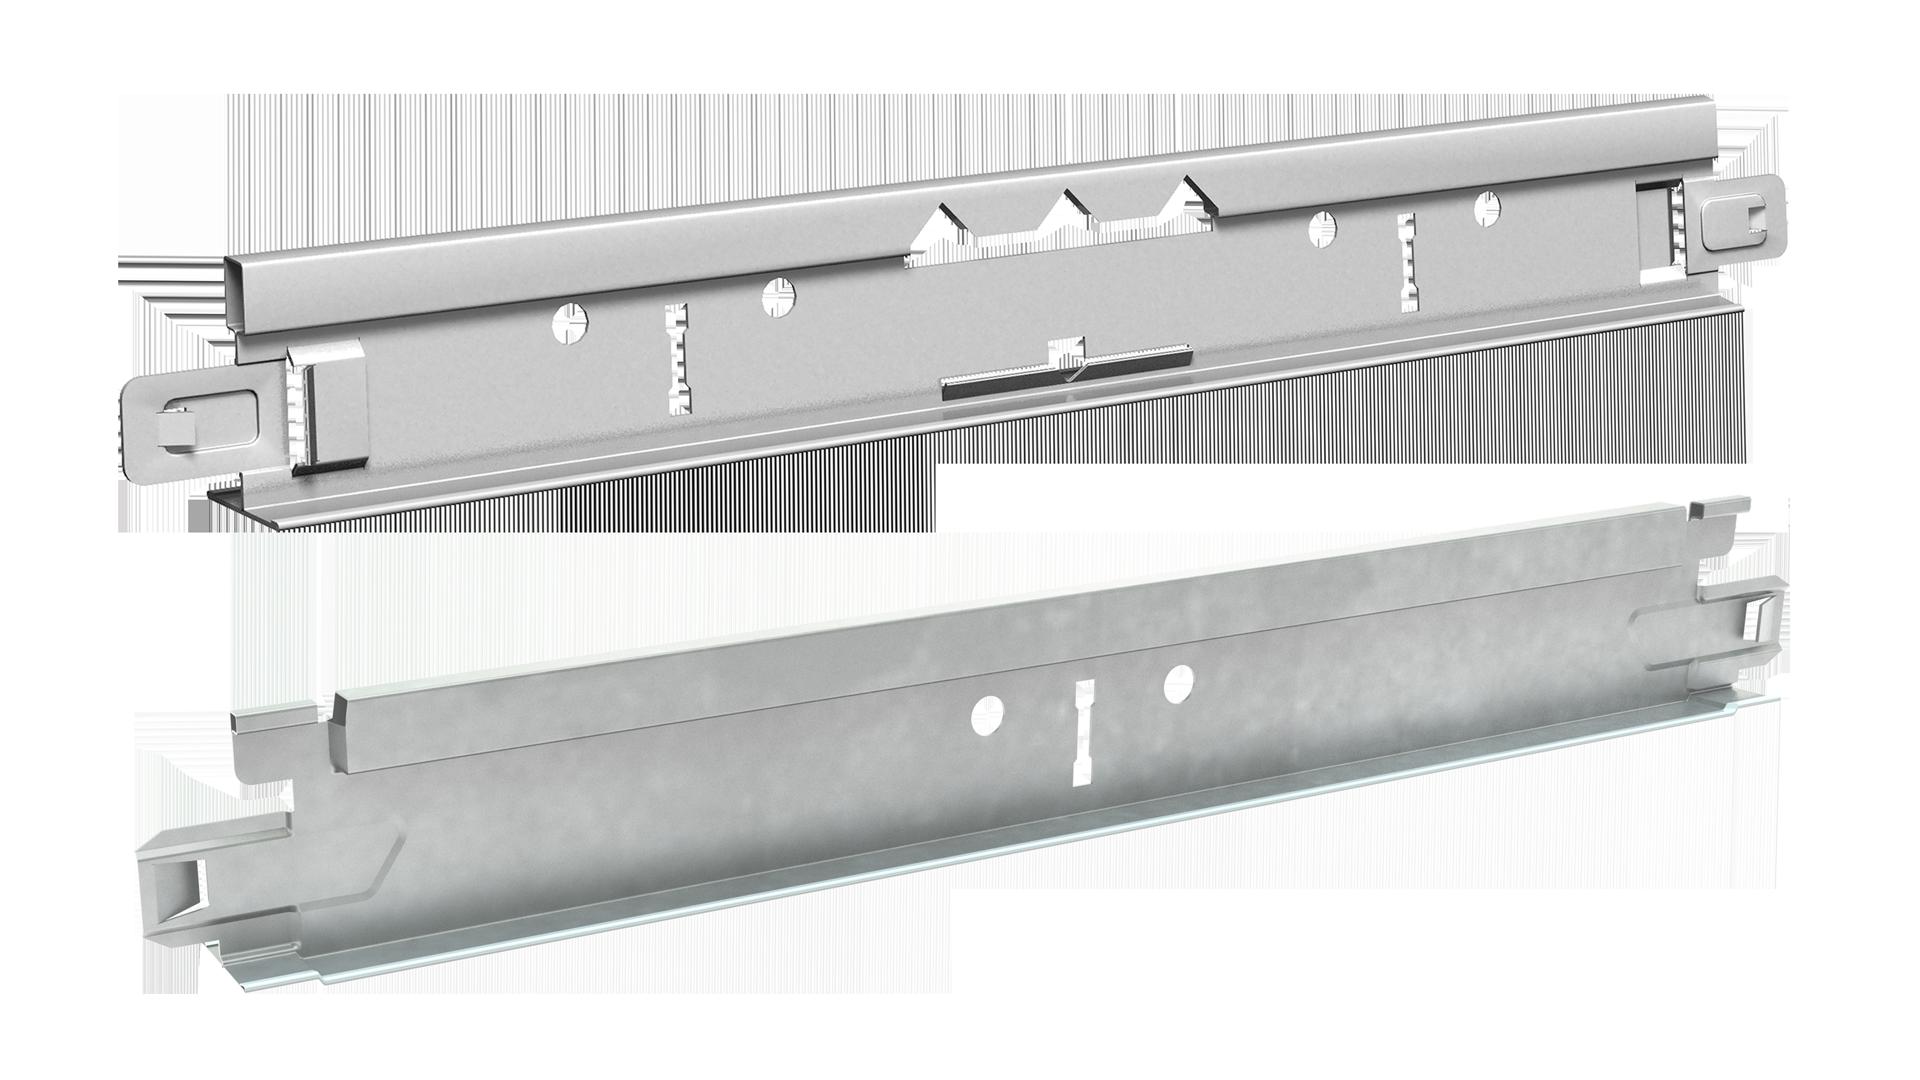 Profilo portante T24 Click 3600 mm e Profilo intermedio T24 Click 600 mm   Rockfon